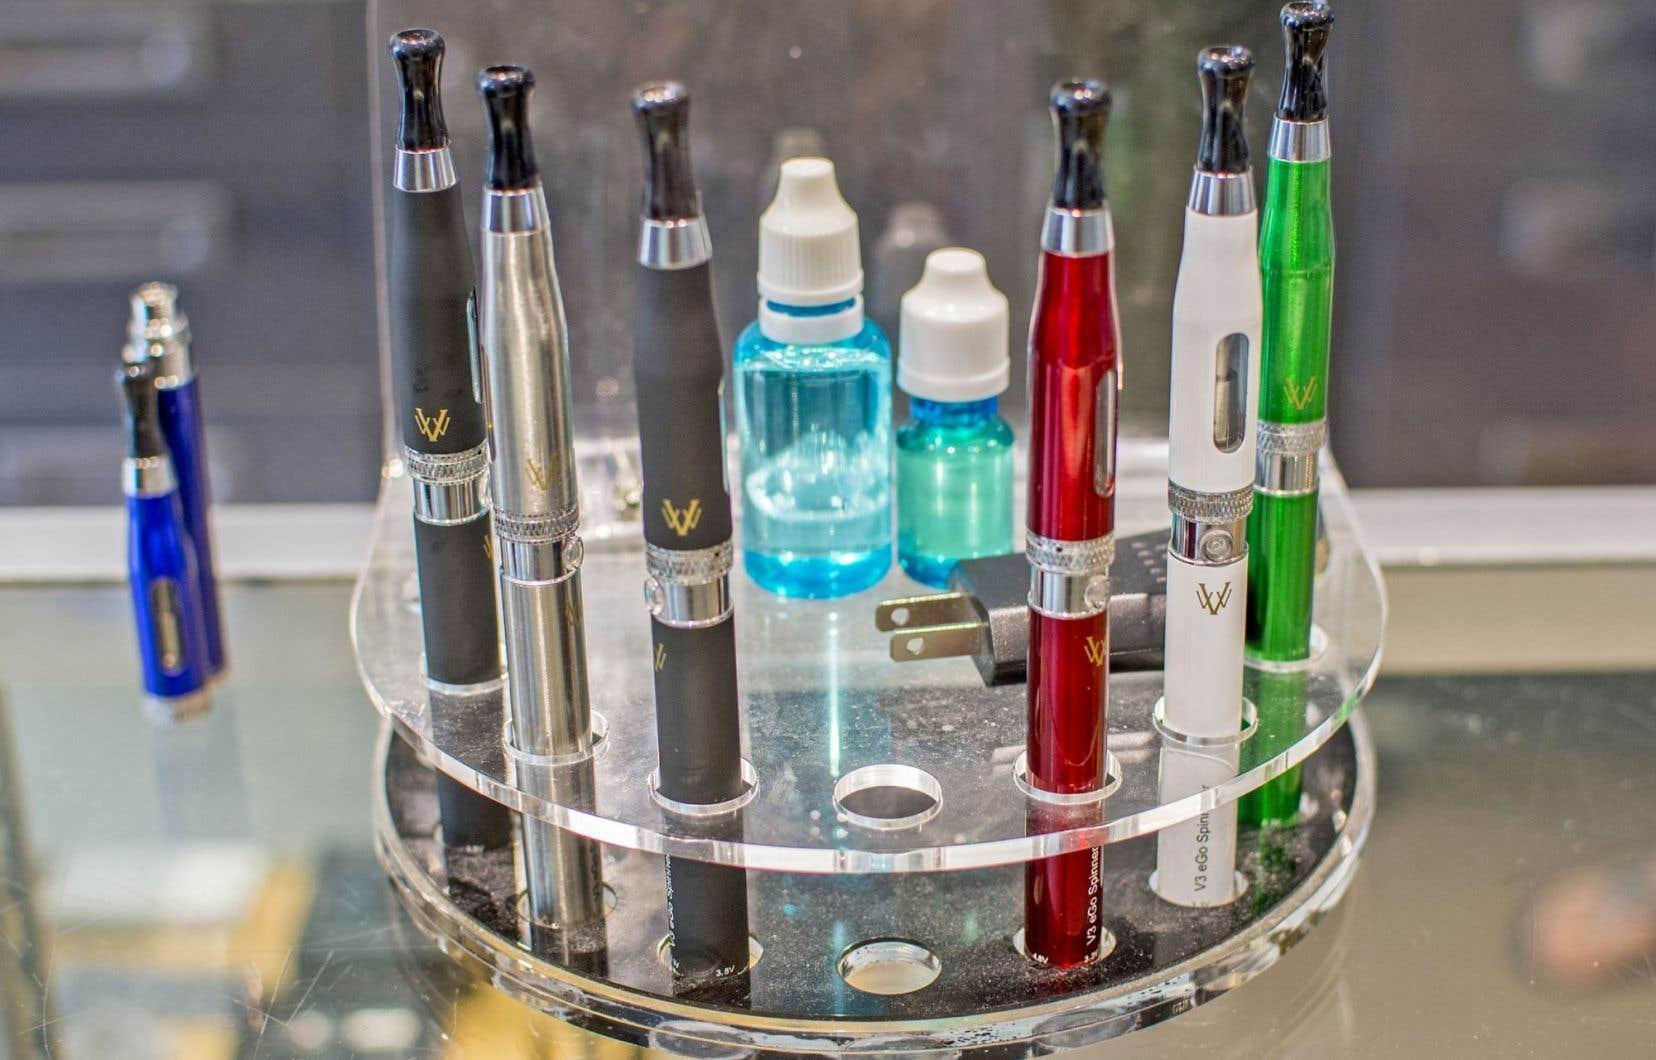 Le ministère de la Santé souligne que les jeunes pourraient être tentés de commencer à fumer après avoir essayé la cigarette électronique.